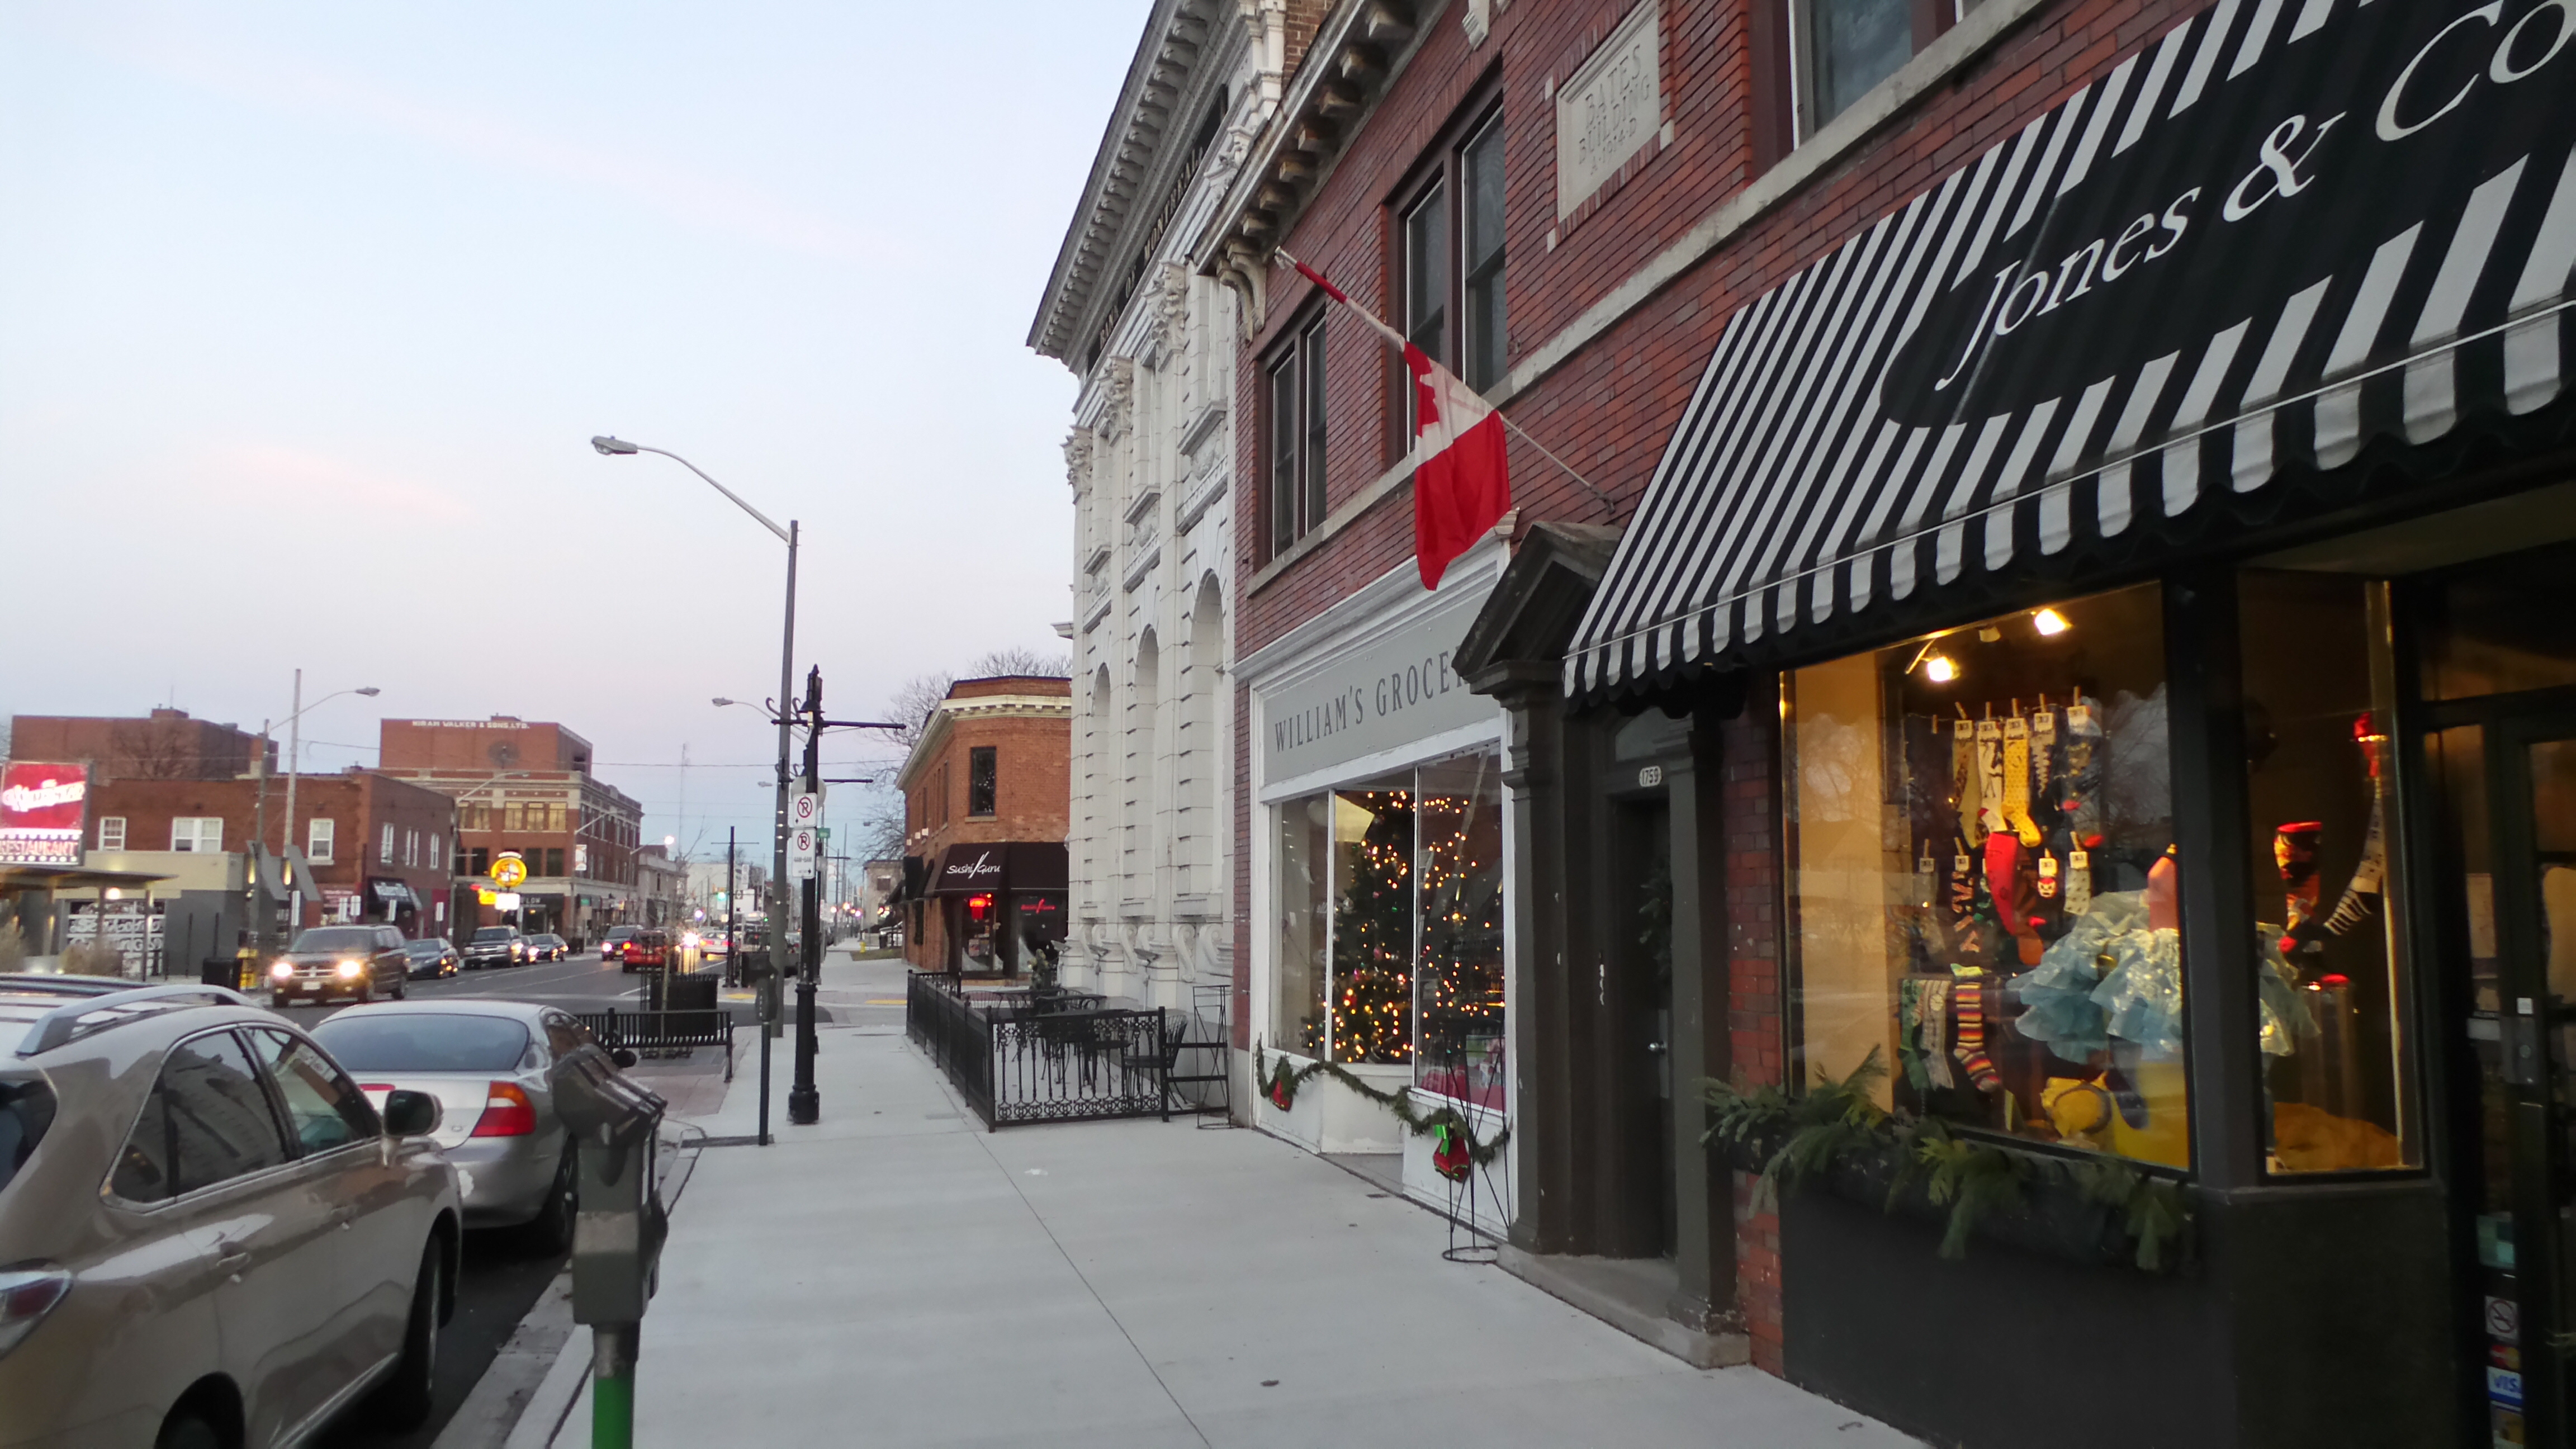 Restaurants Downtown Windsor Ontario